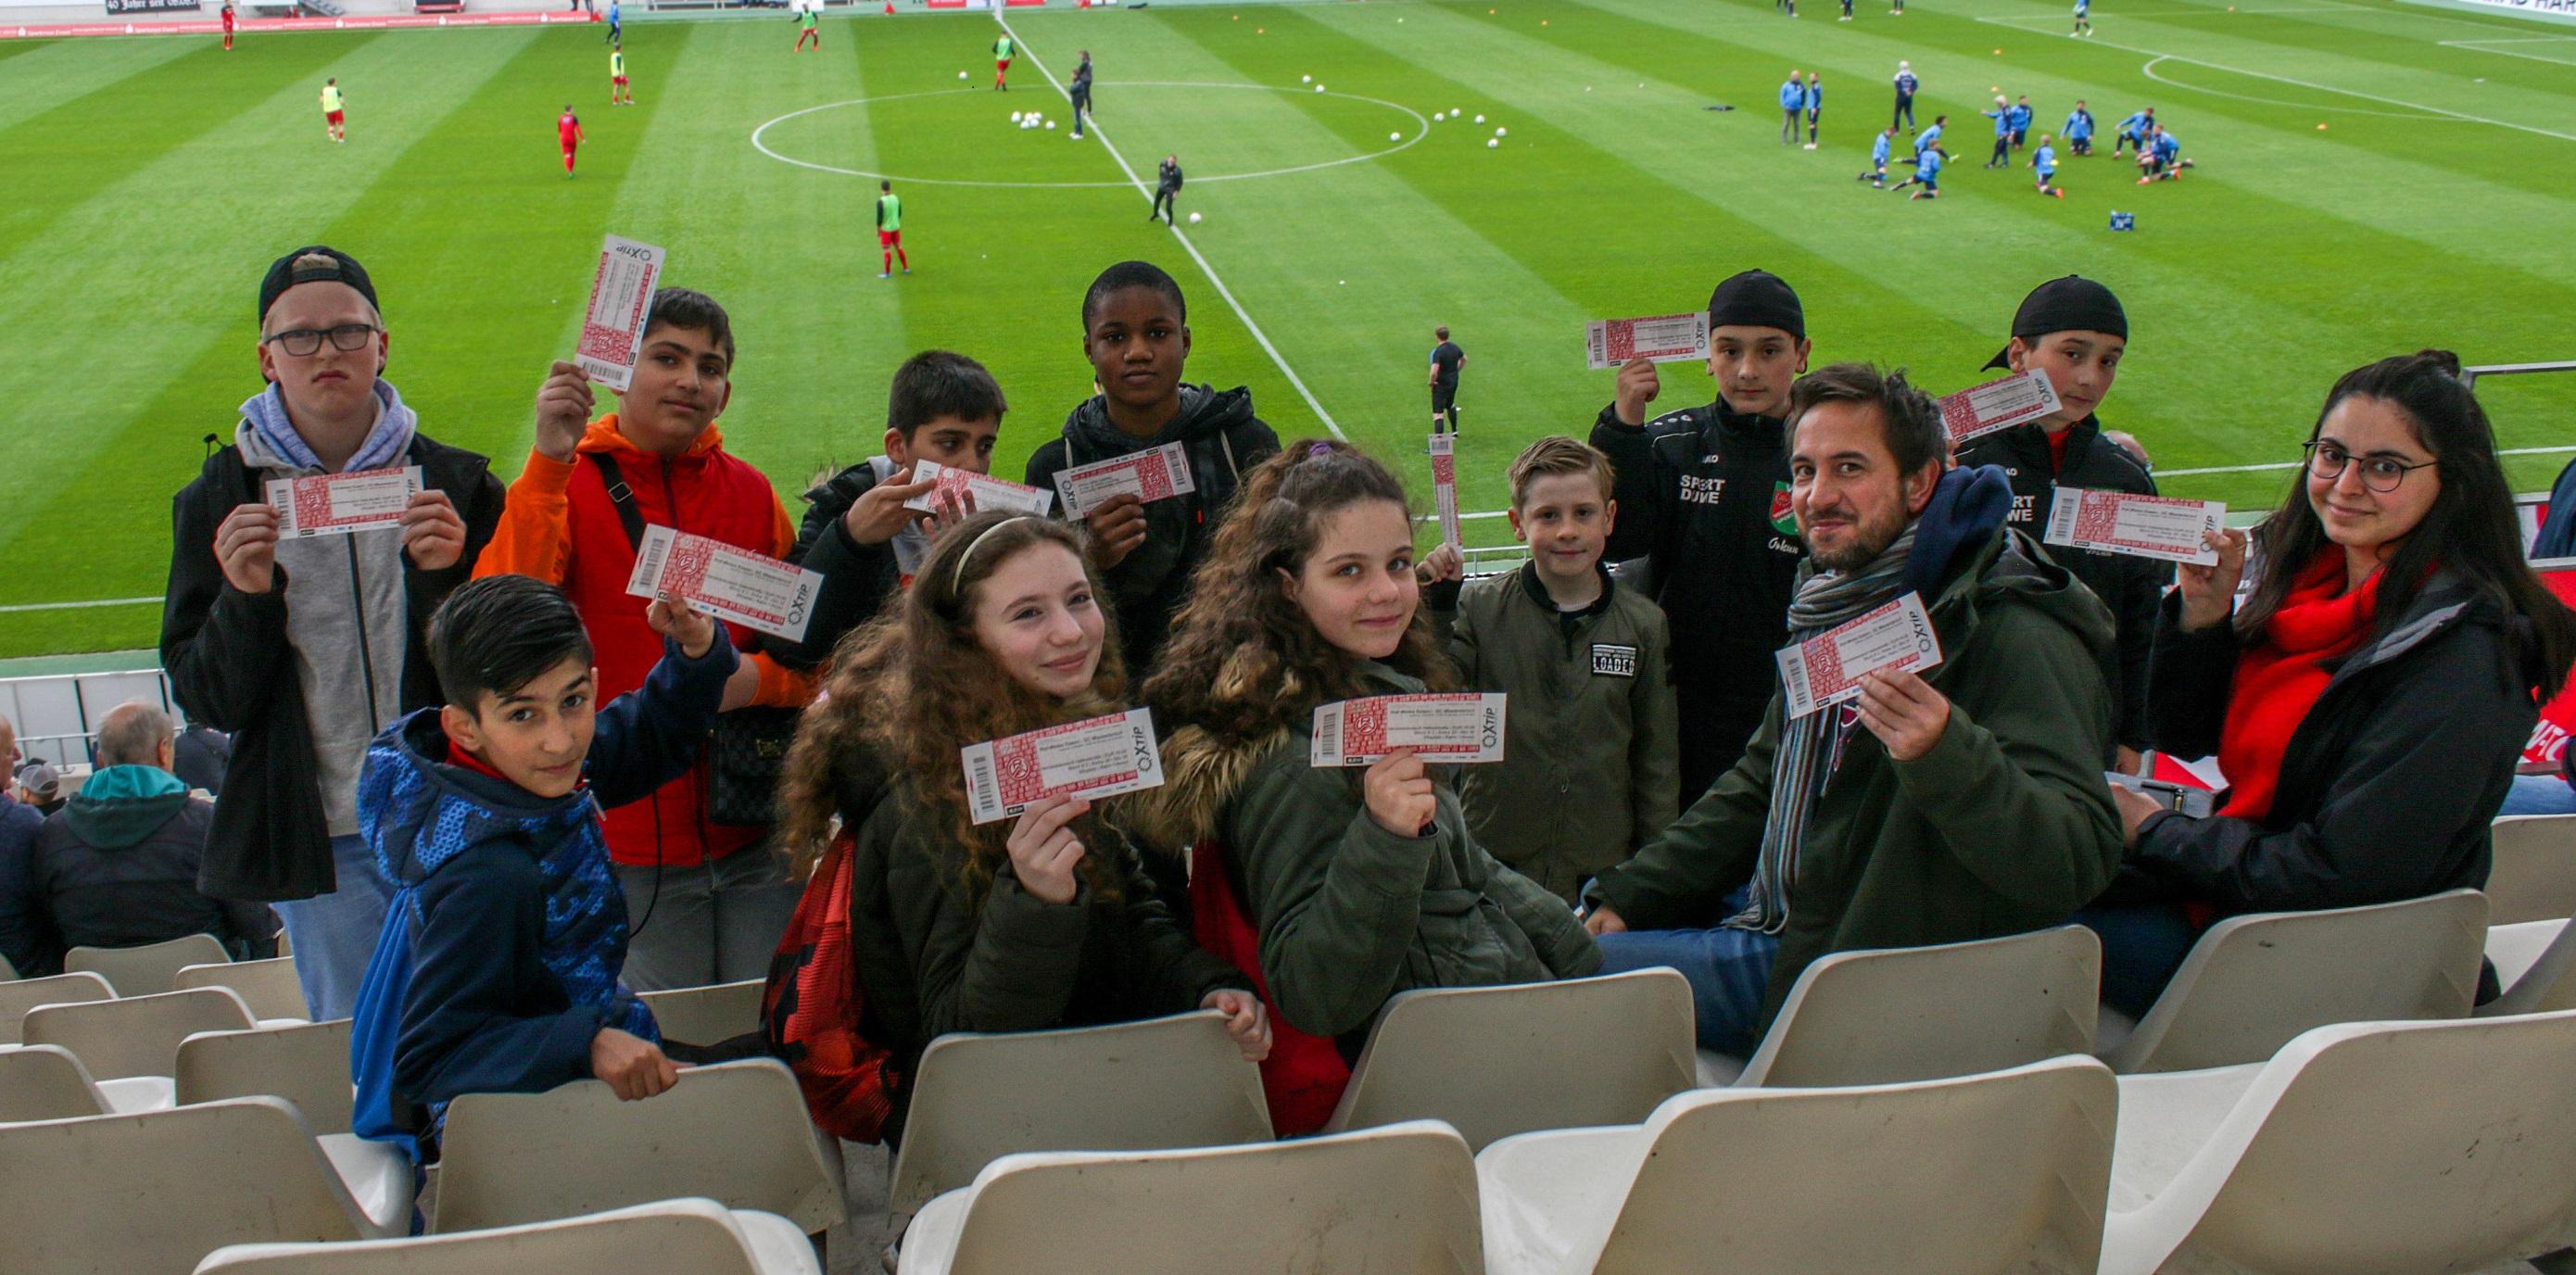 Ein für die Kinder spannender Tag im Stadion. (Foto: Müller/EC)